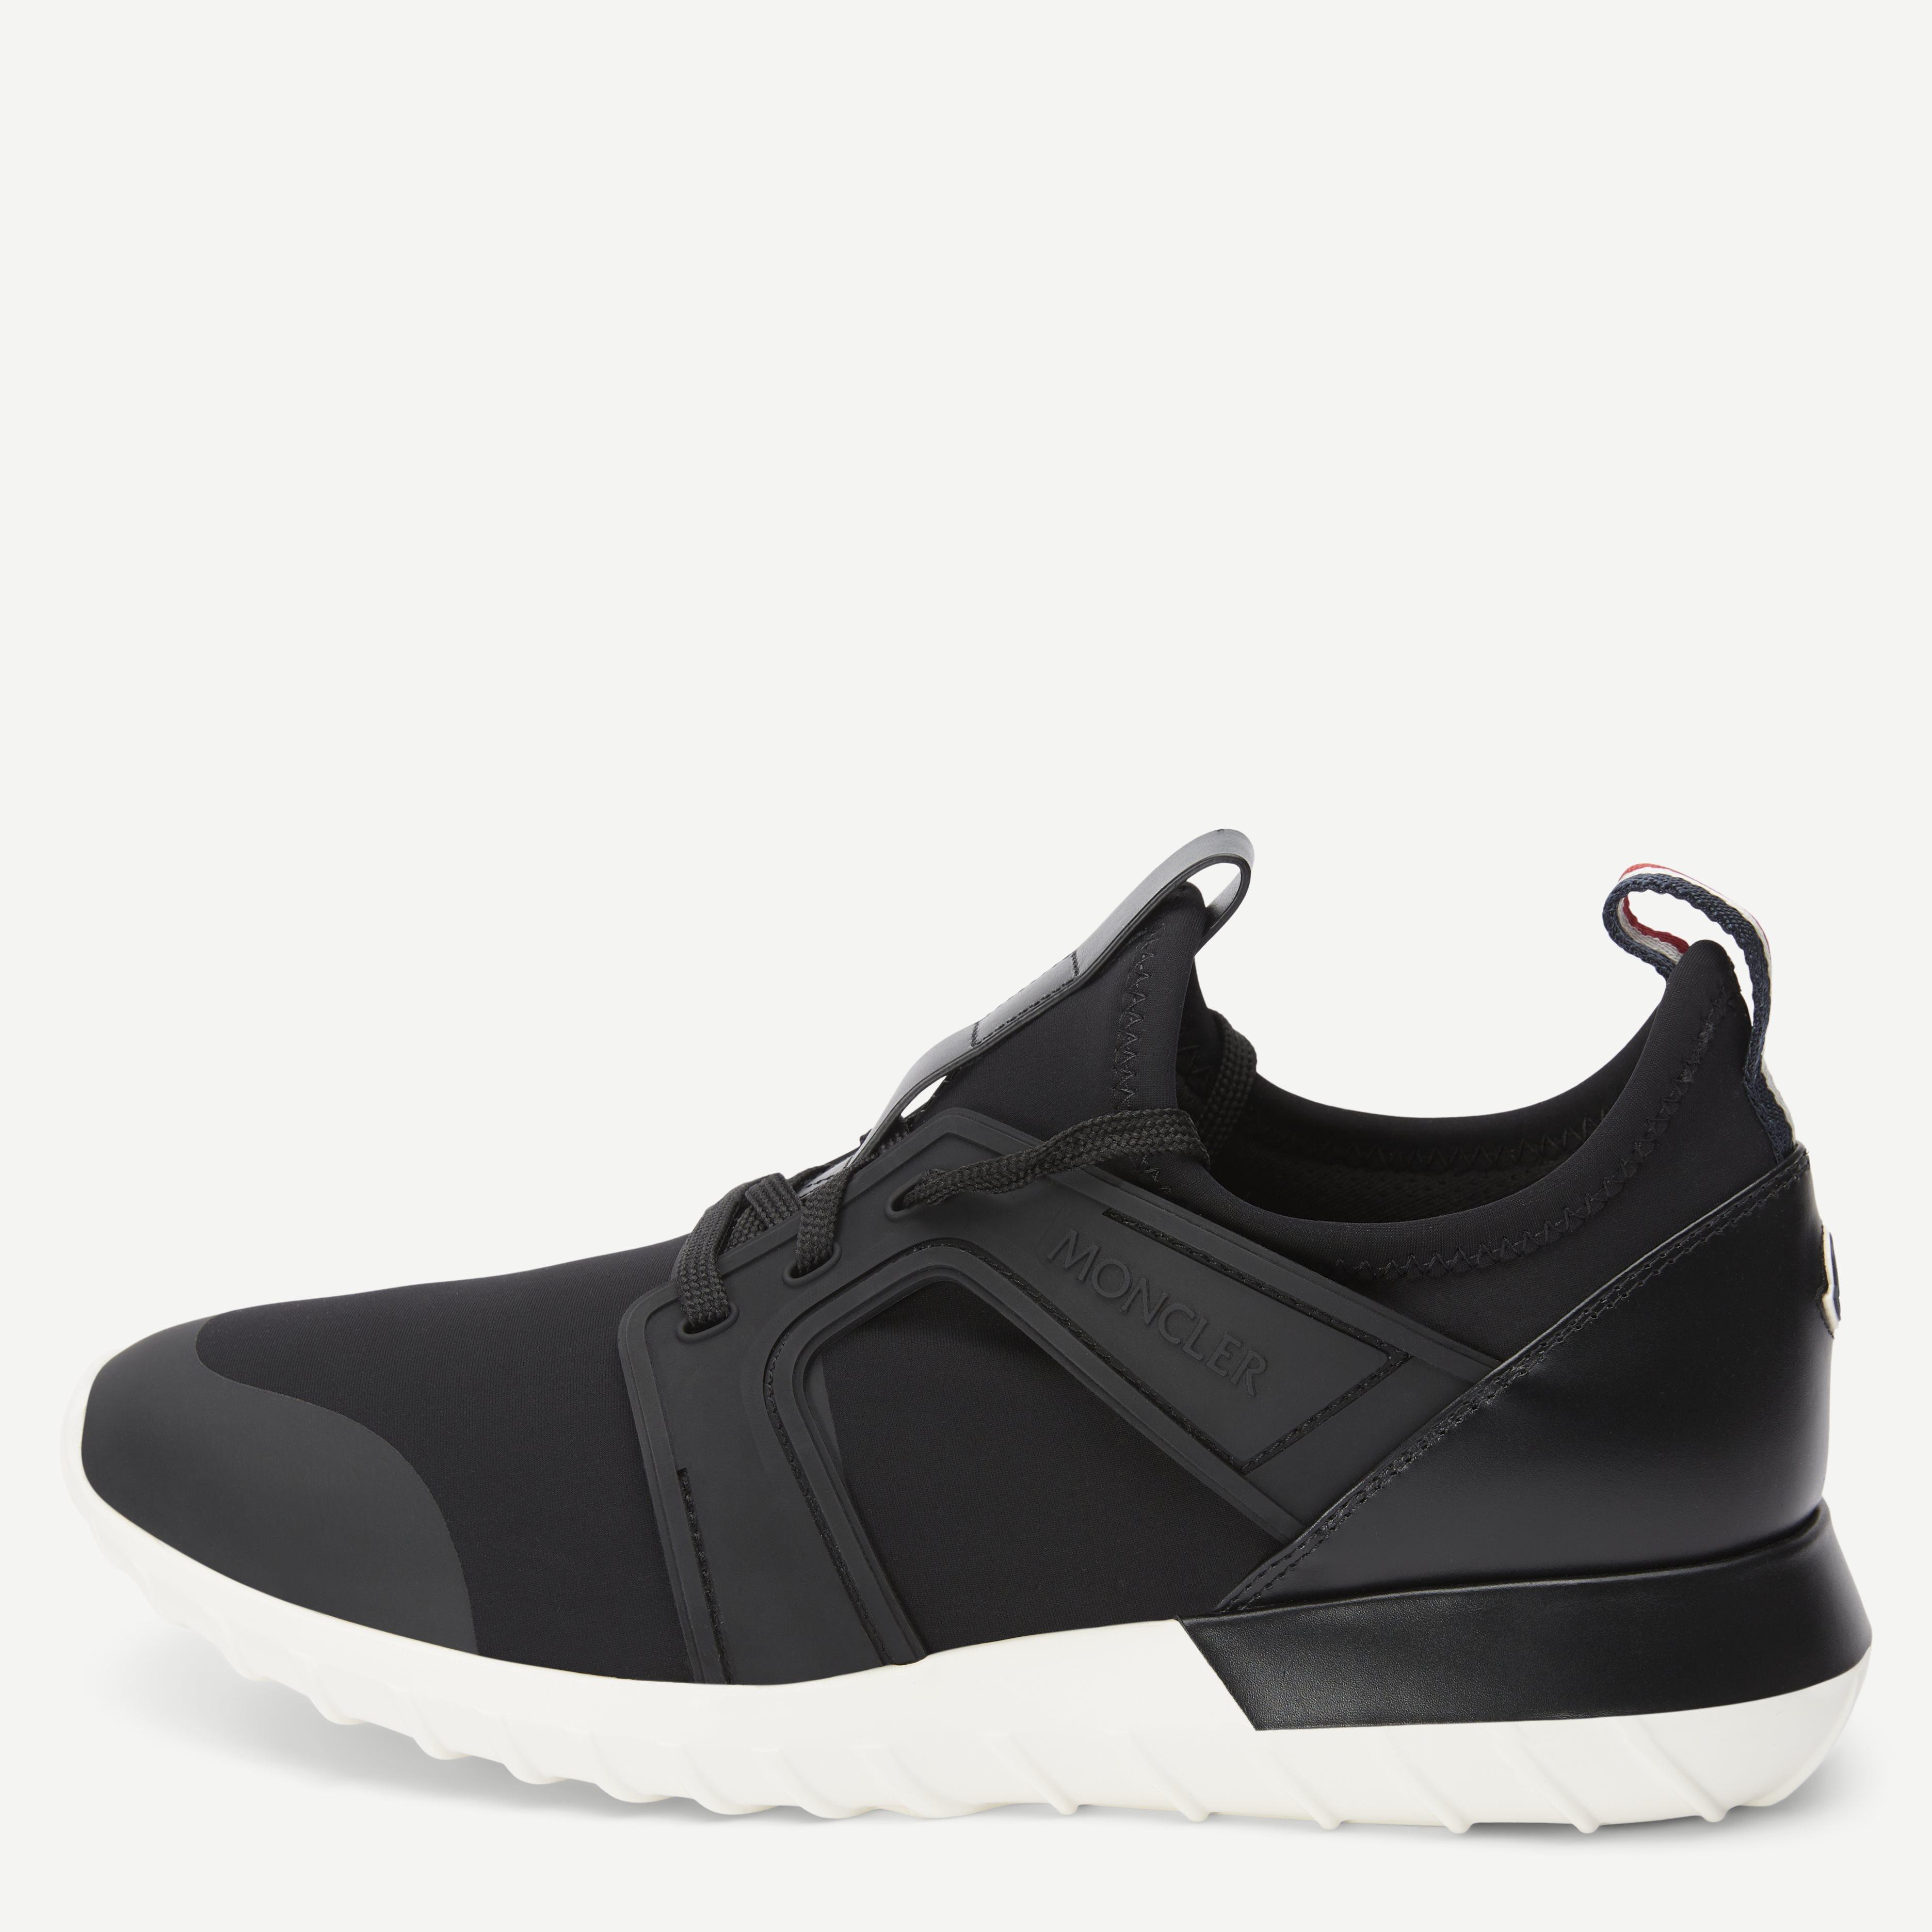 Emilien Sneaker - Skor - Svart